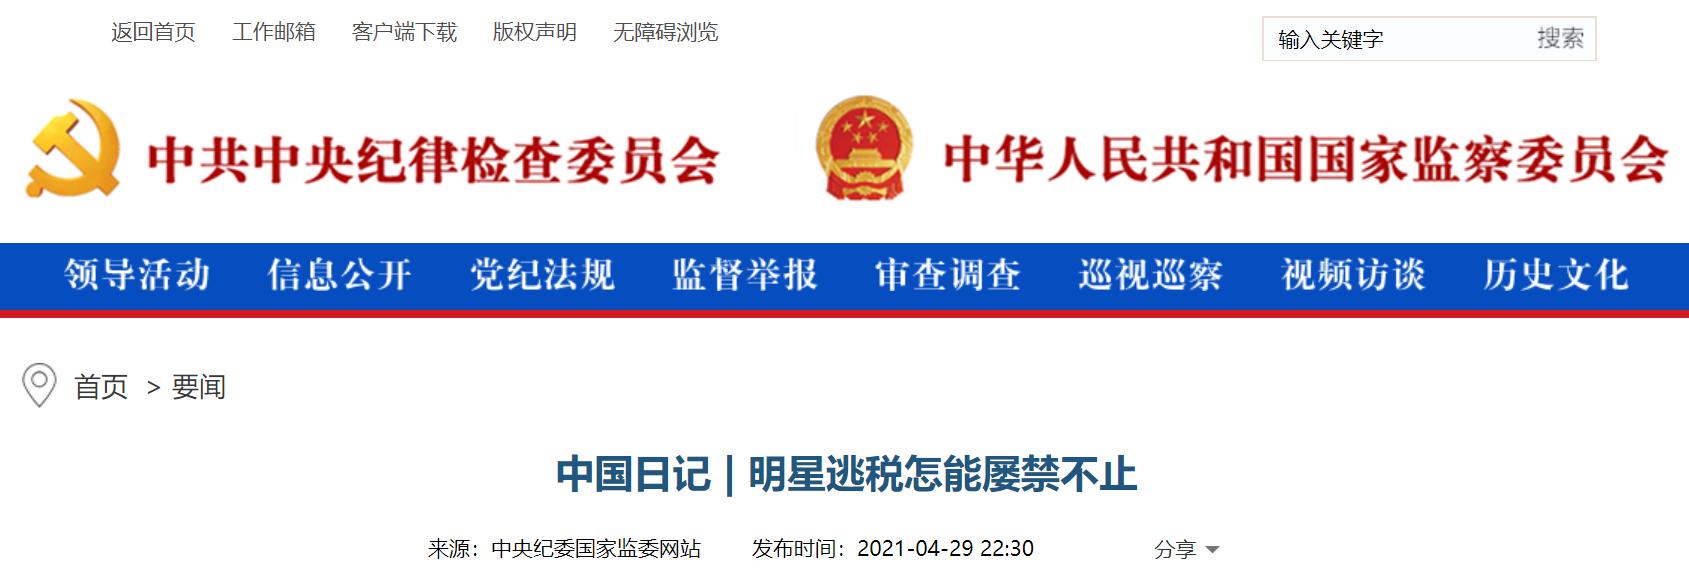 郑爽1.6亿片酬被查,中央政法委、中纪委相继发声:生而为人,必须有所敬畏